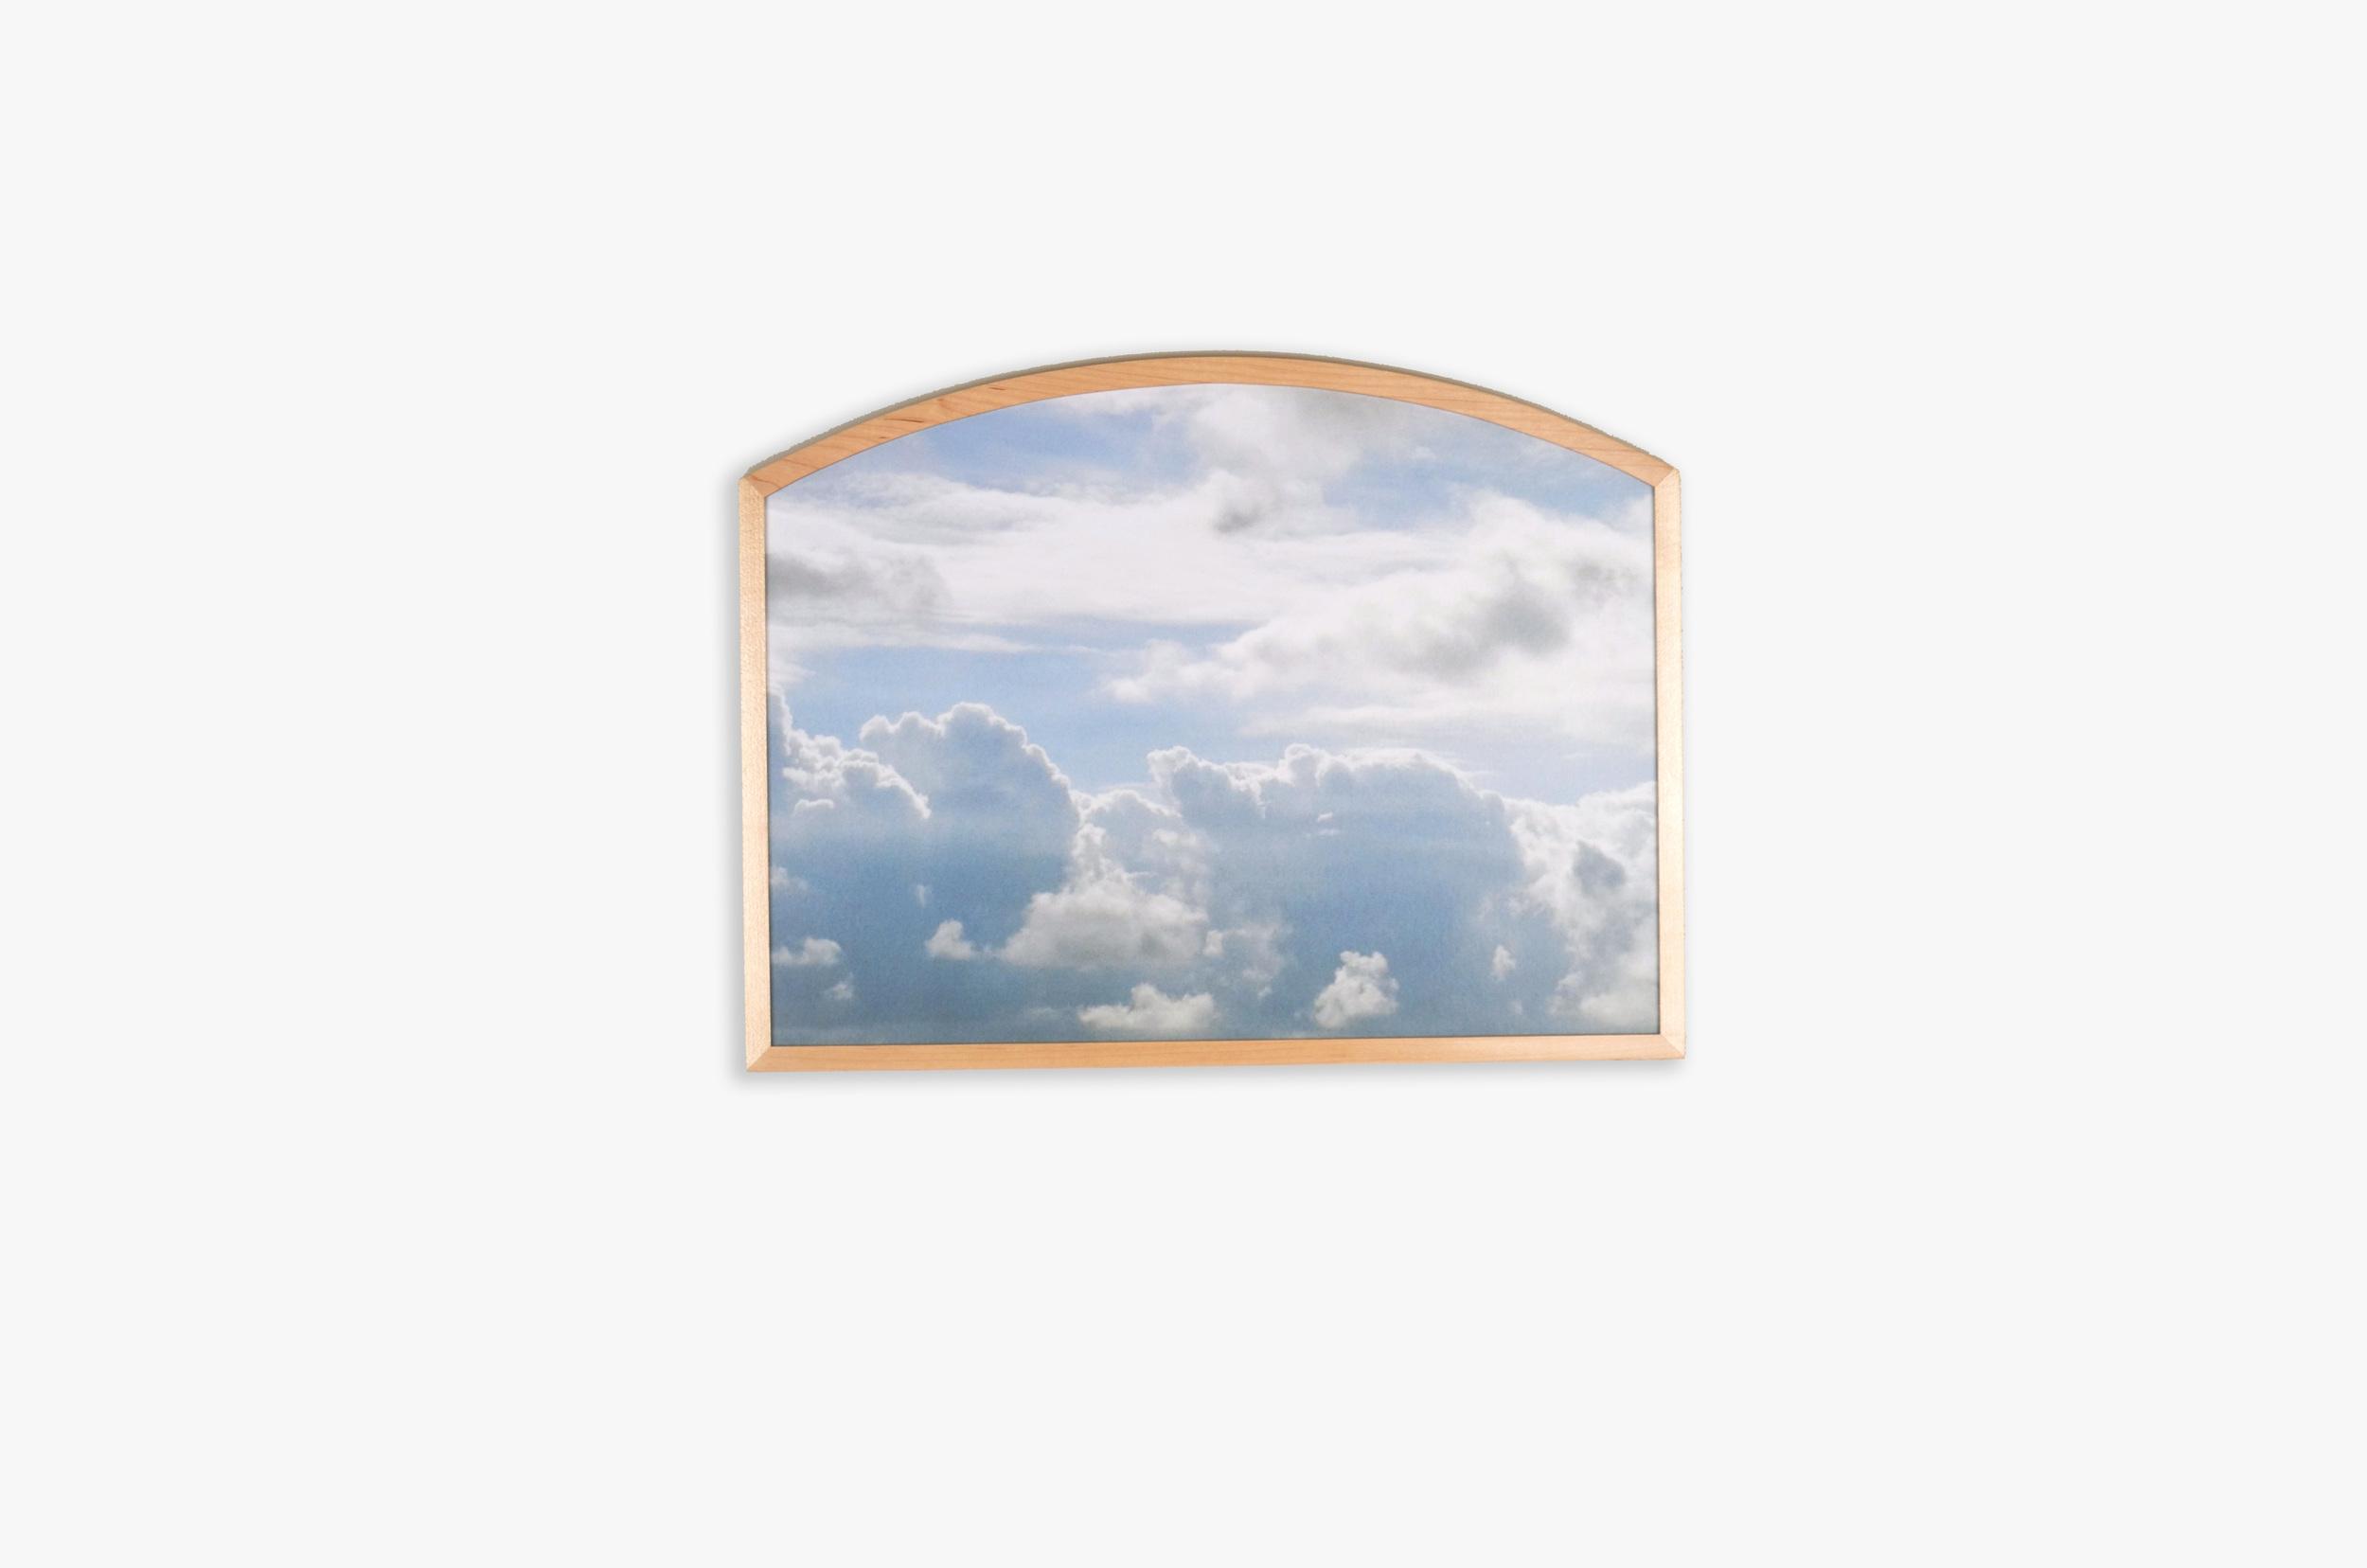 Clouds_2013_NickPoe.jpg